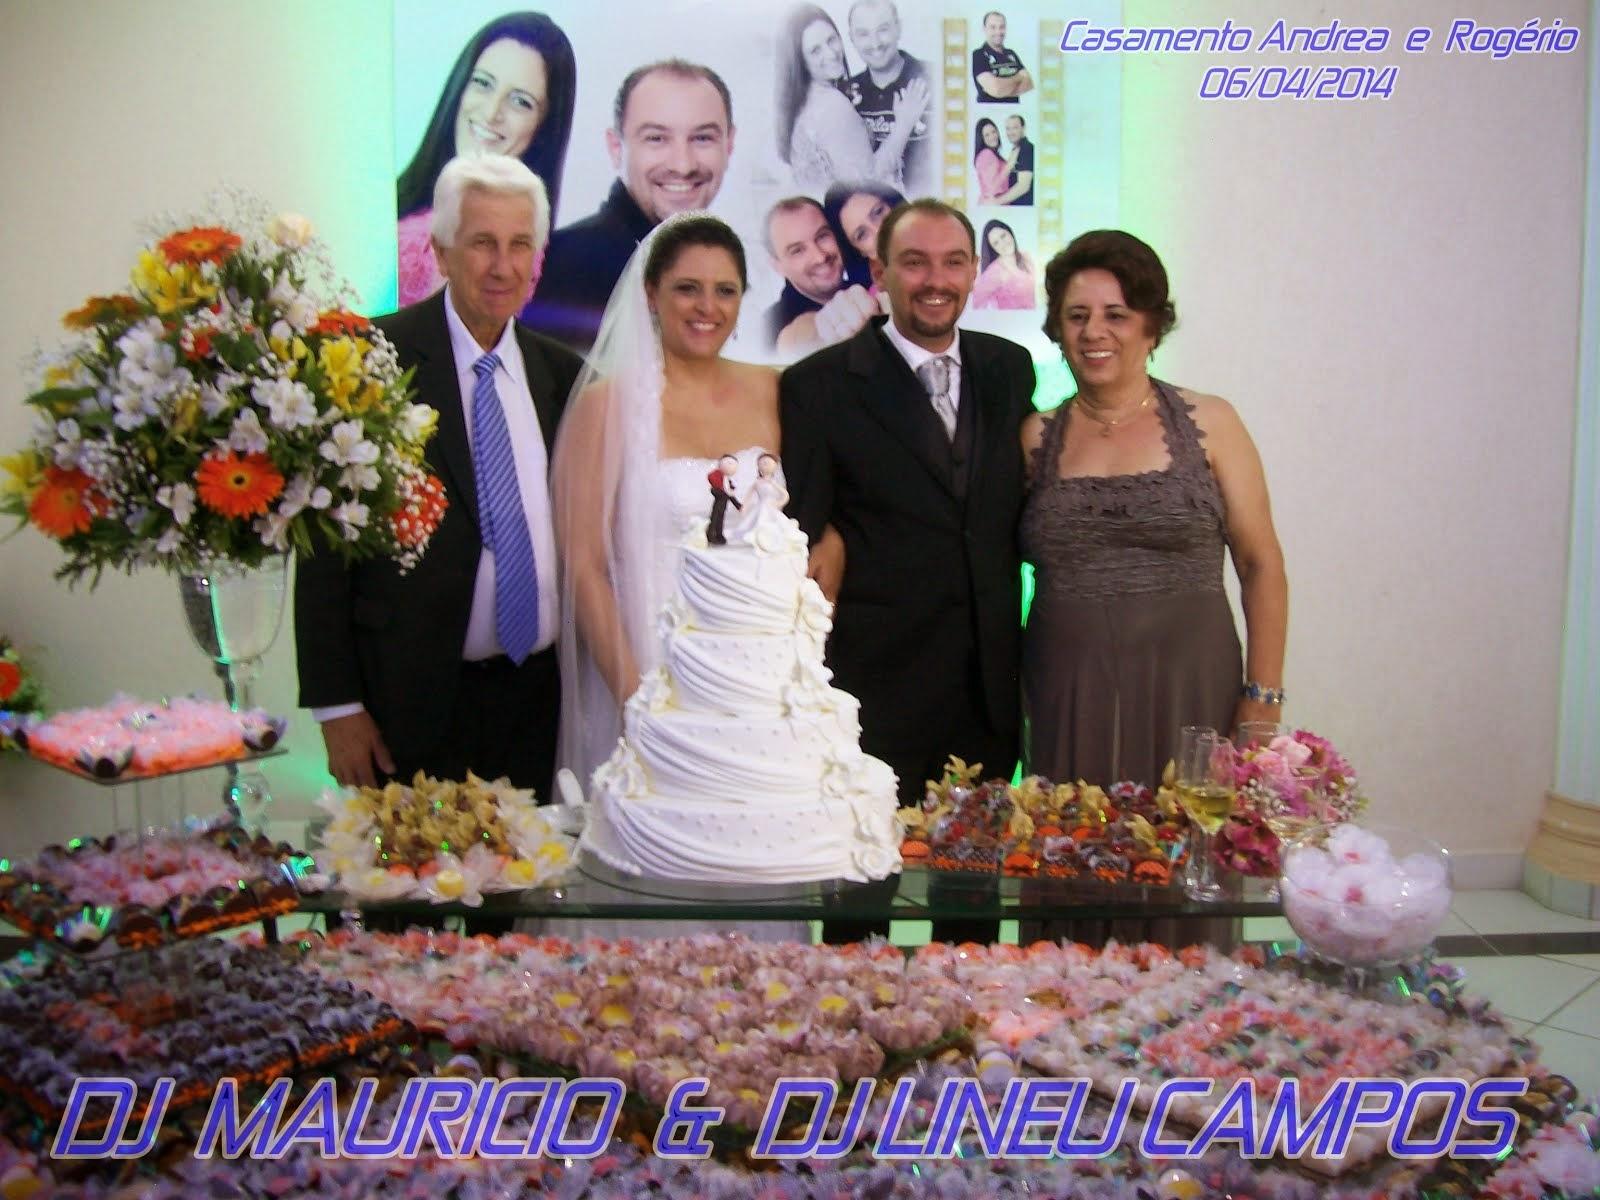 Casamento Andrea e Rogério